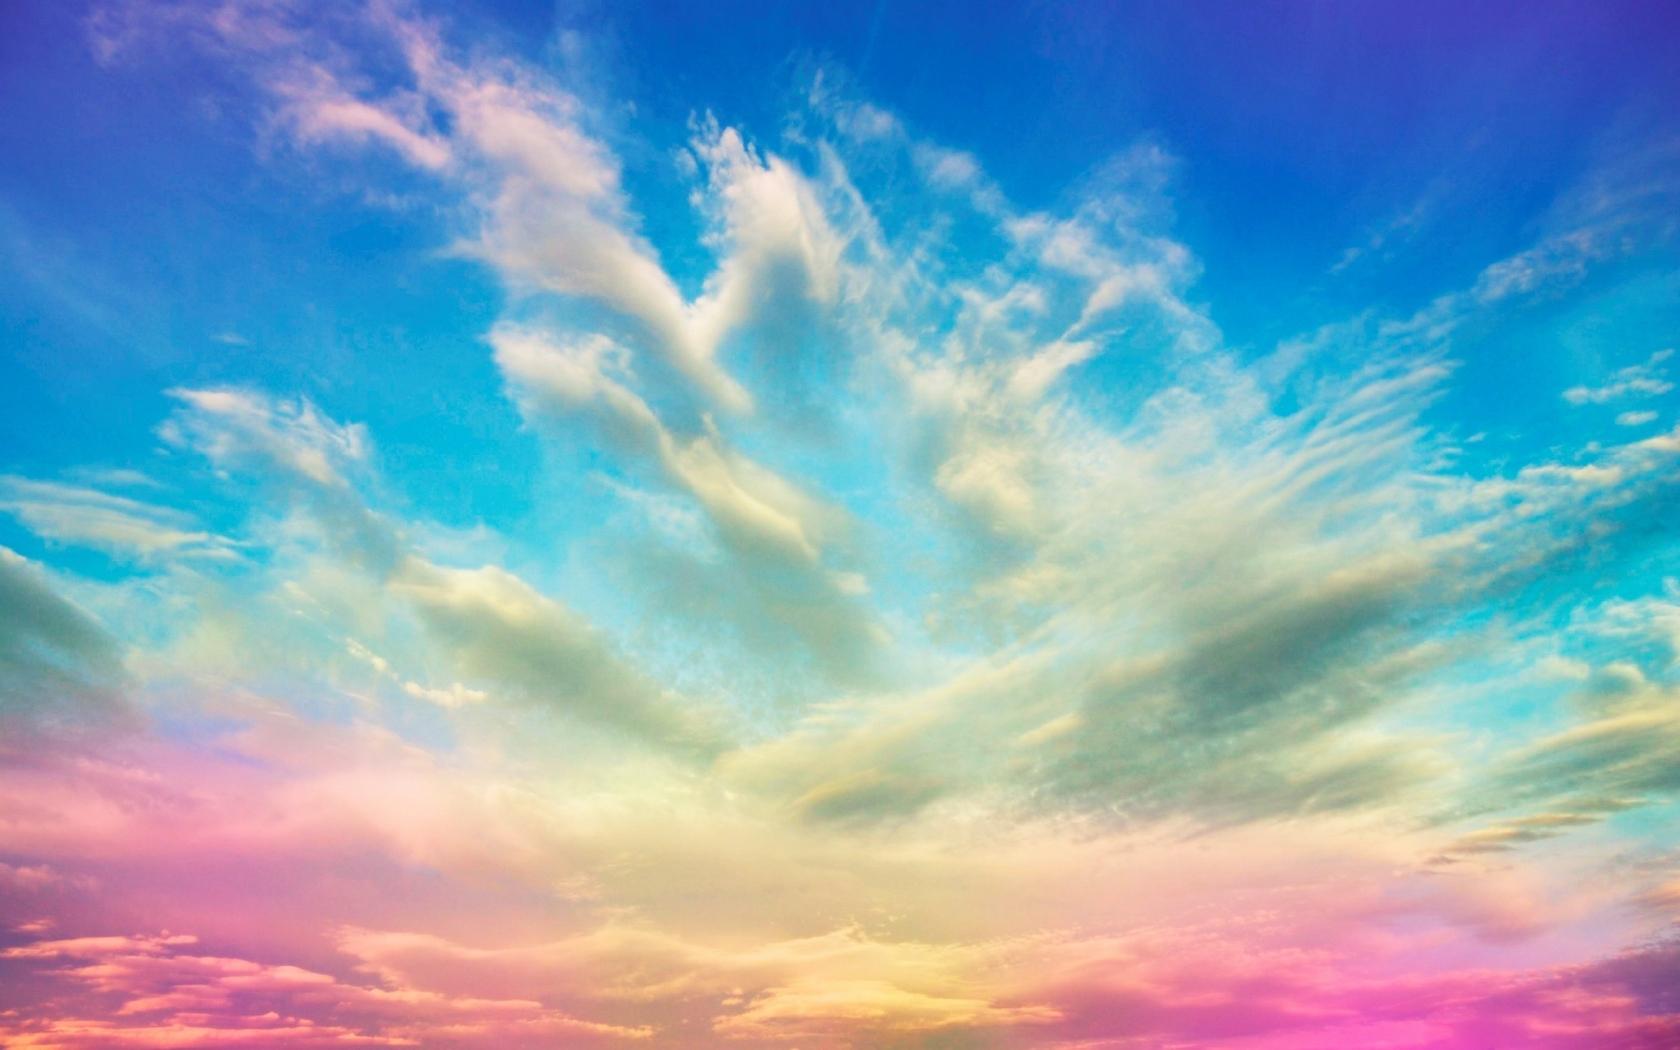 Un cielo de colores - 1680x1050